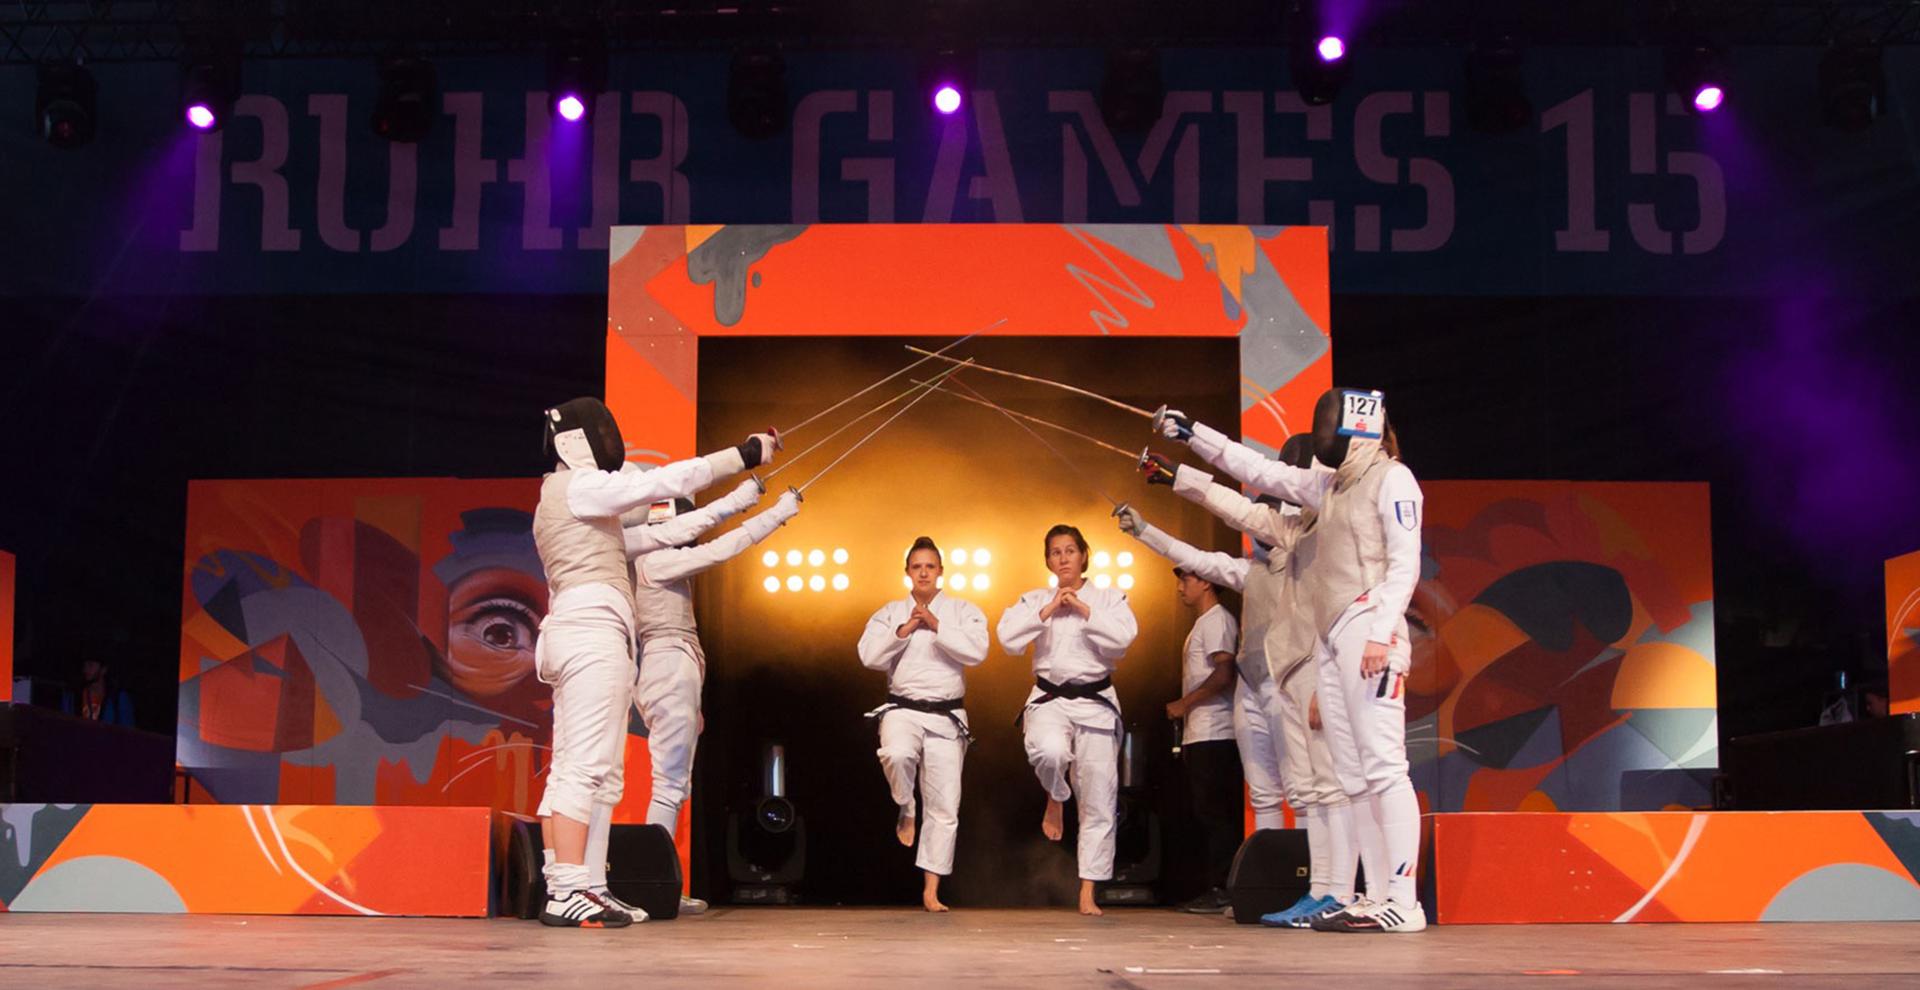 URBANATIX 2015 - Ruhr Games – AGENTUR DACAPO RUHR_03